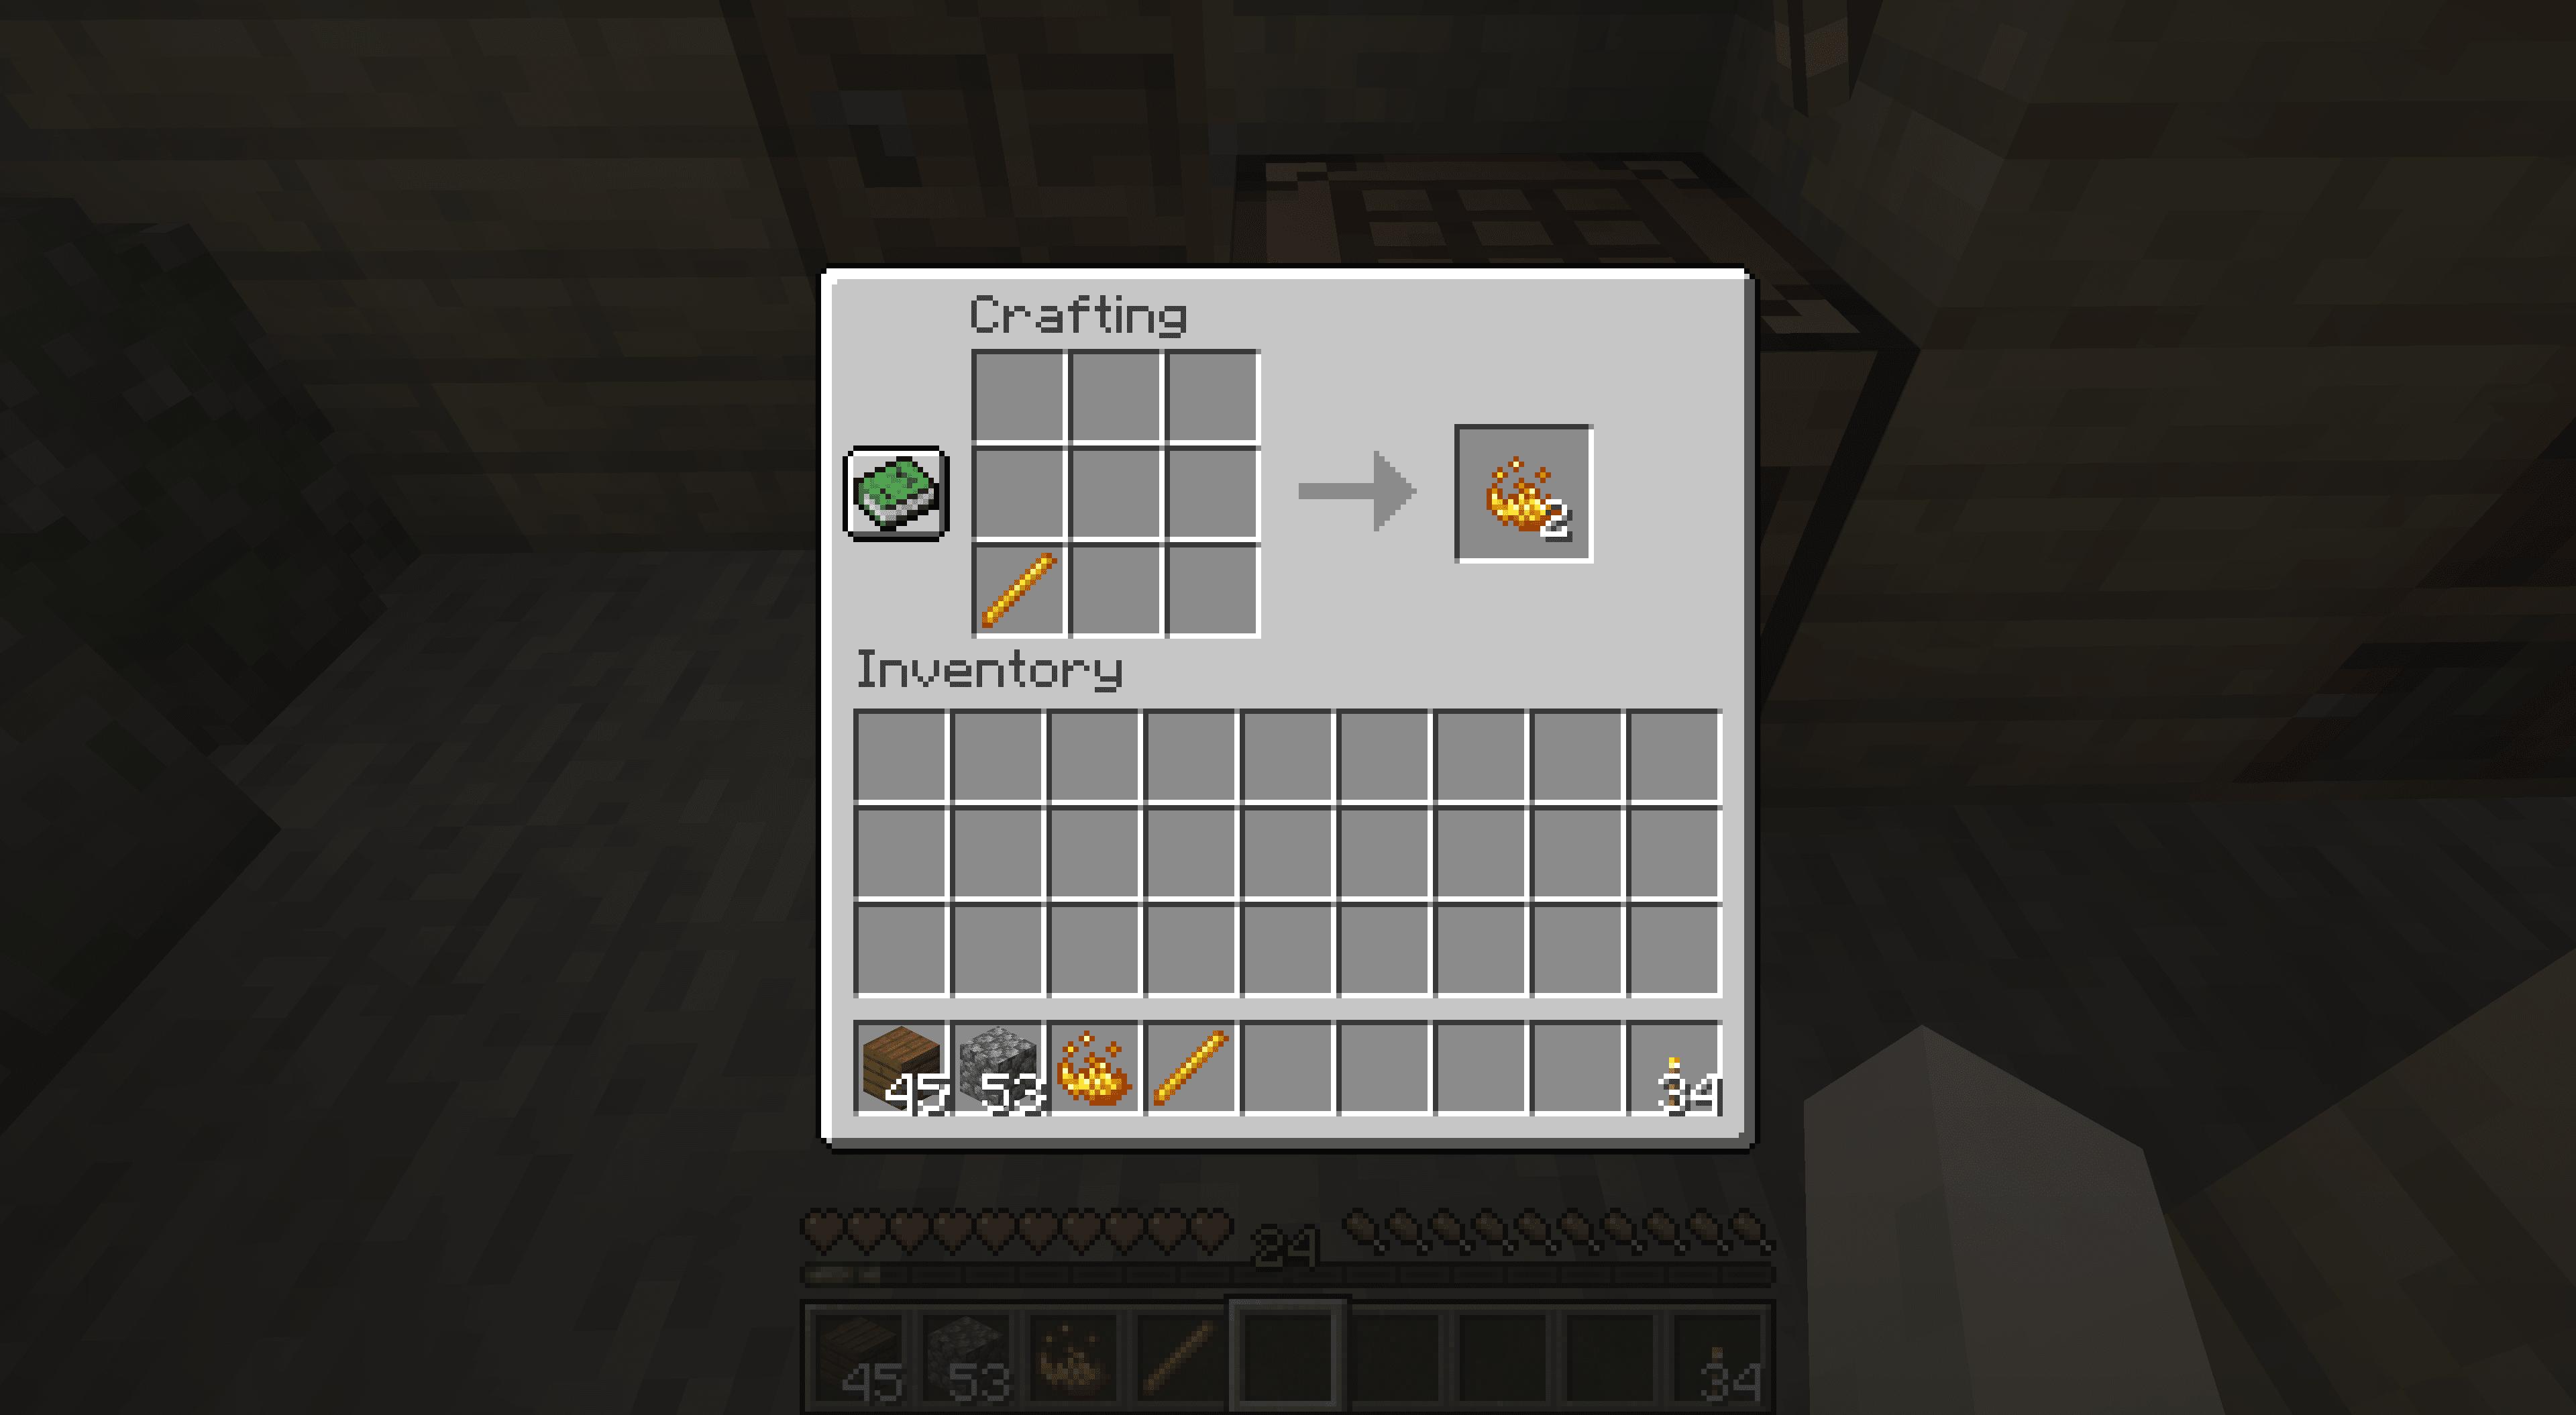 Crafting Blaze Powder in Minecraft.